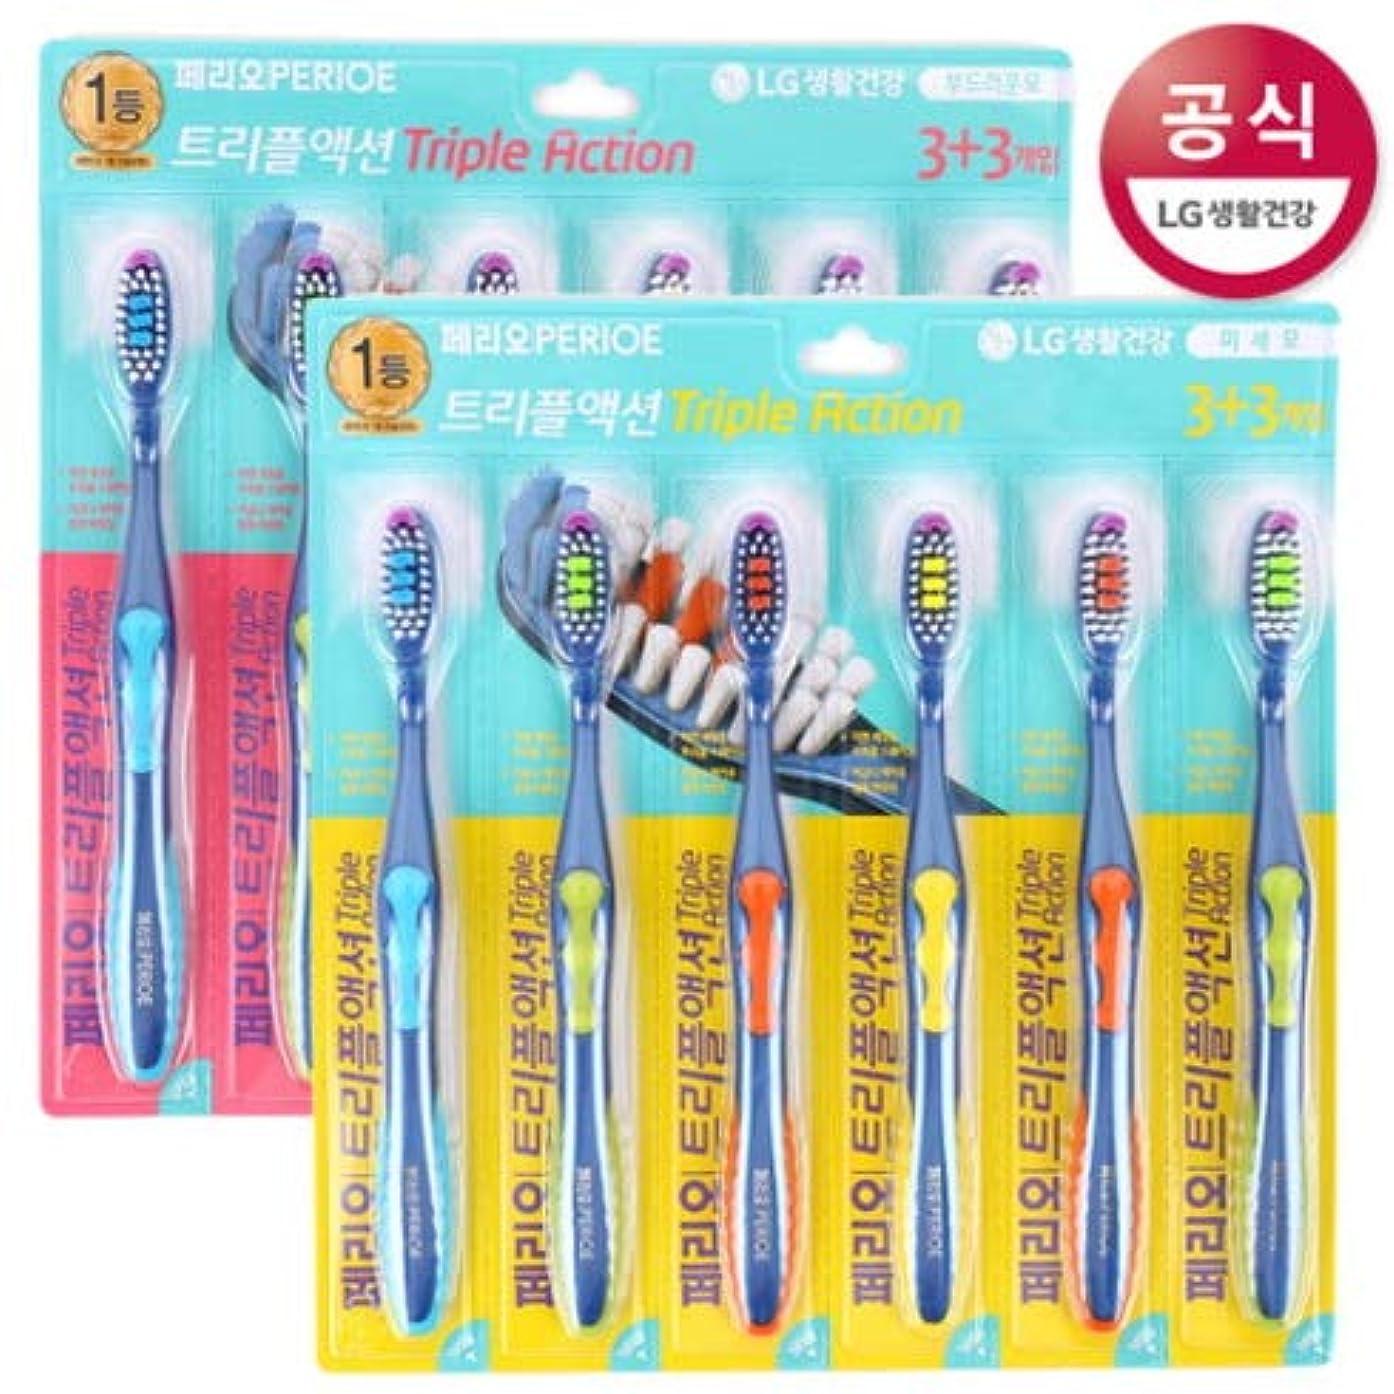 累積オゾンギャラリー[LG HnB] Perio Triple Action Toothbrush/ペリオトリプルアクション歯ブラシ 6口x2個(海外直送品)